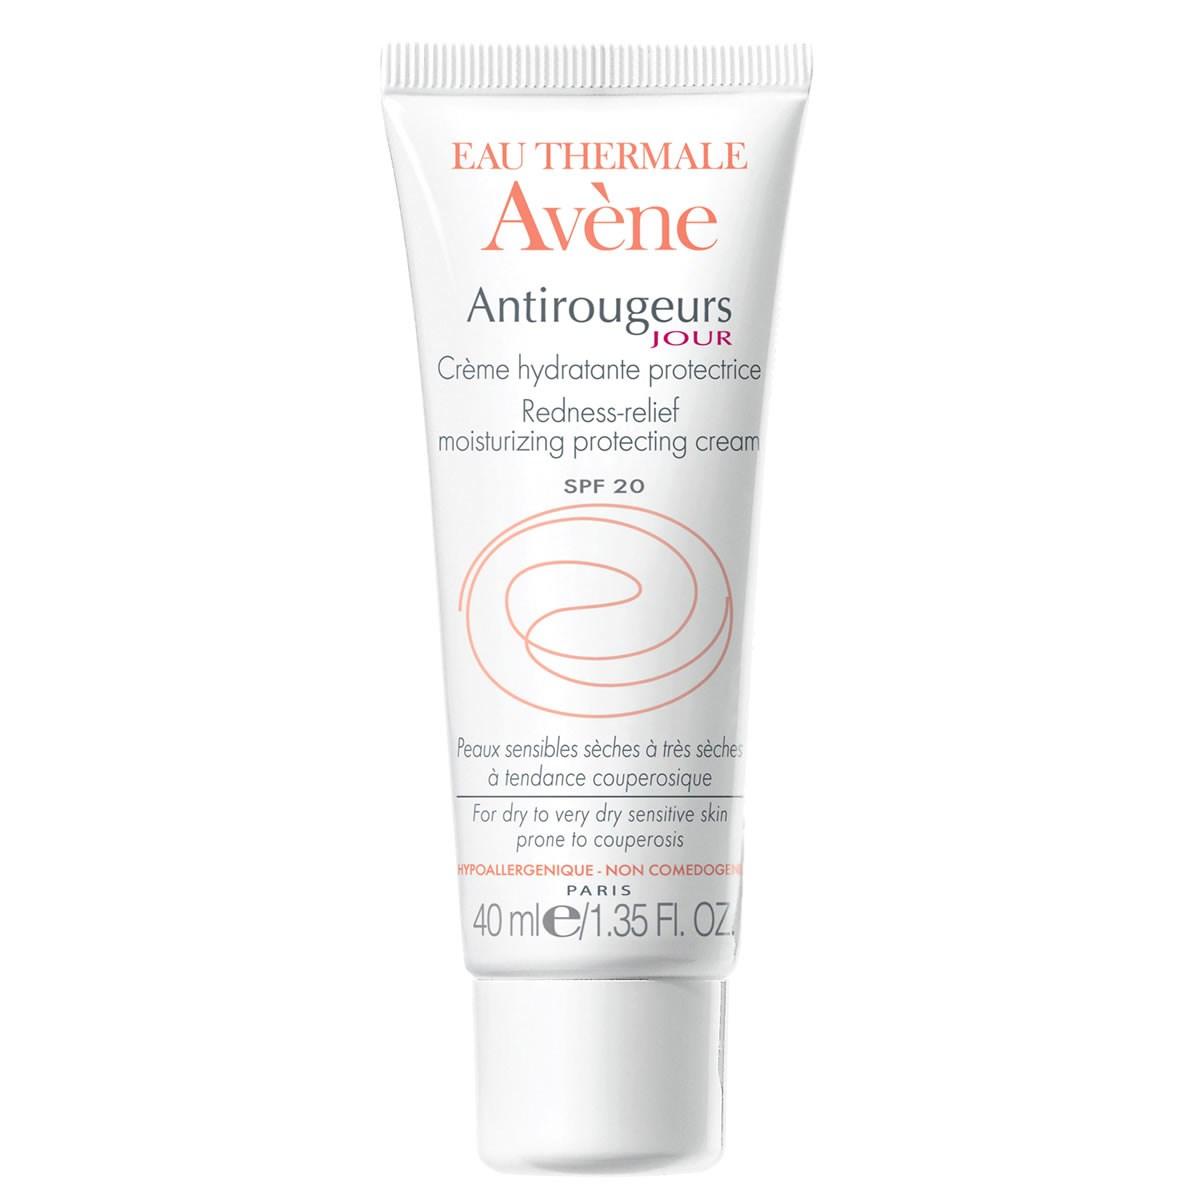 Avene Antirougeurs Jour Cream SPF20 - Dry to Very Dry Skin